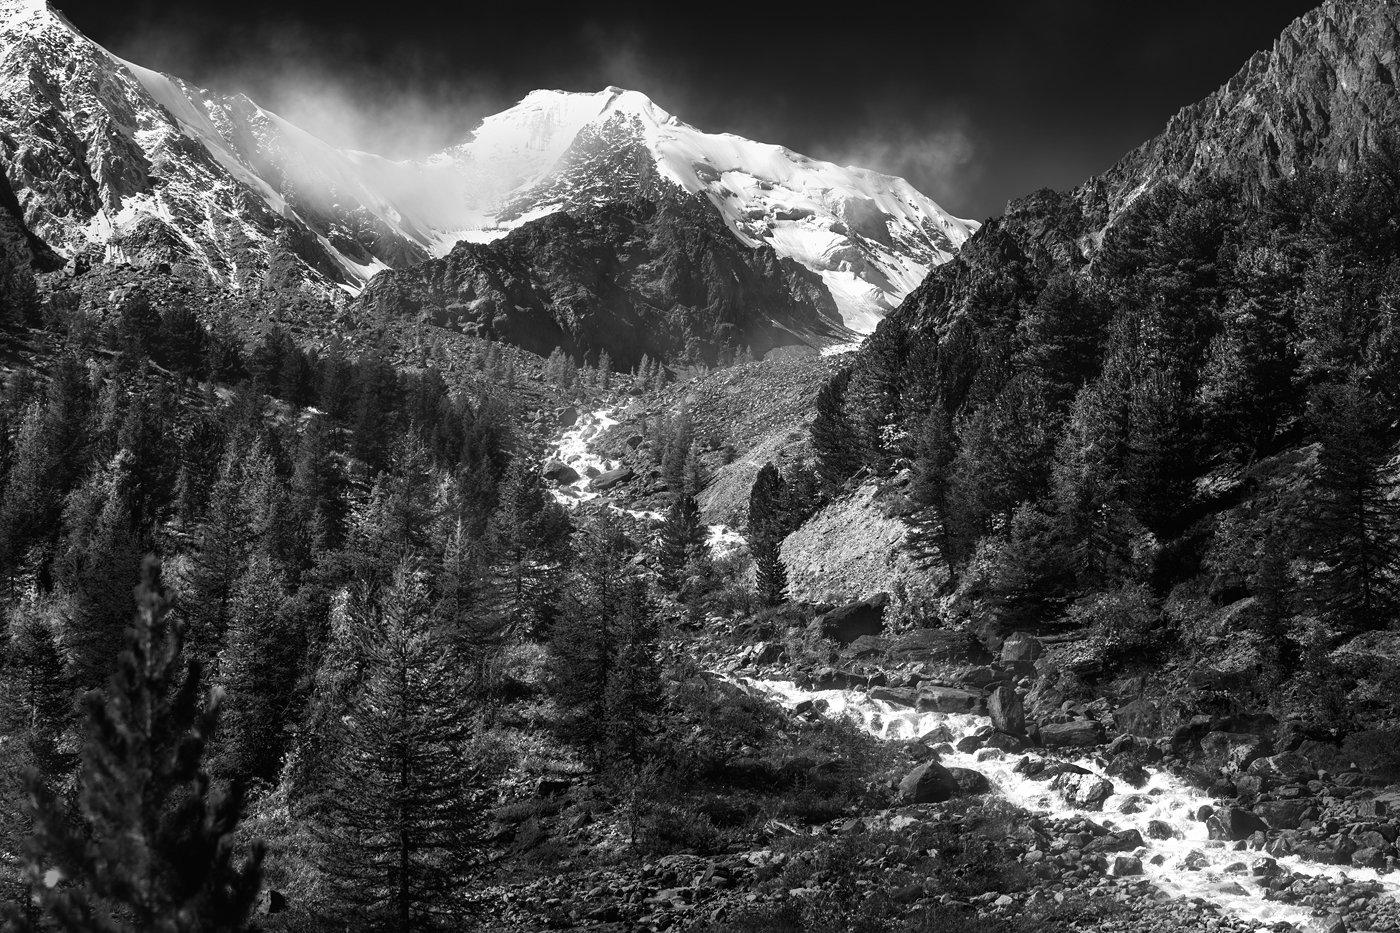 пейзаж, природа, путешествие, горы, скалы, вершина, снег, высокий, большой, красивая, река, бурная, поток, чб, чернобелая, алтай, сибирь, Дмитрий Антипов